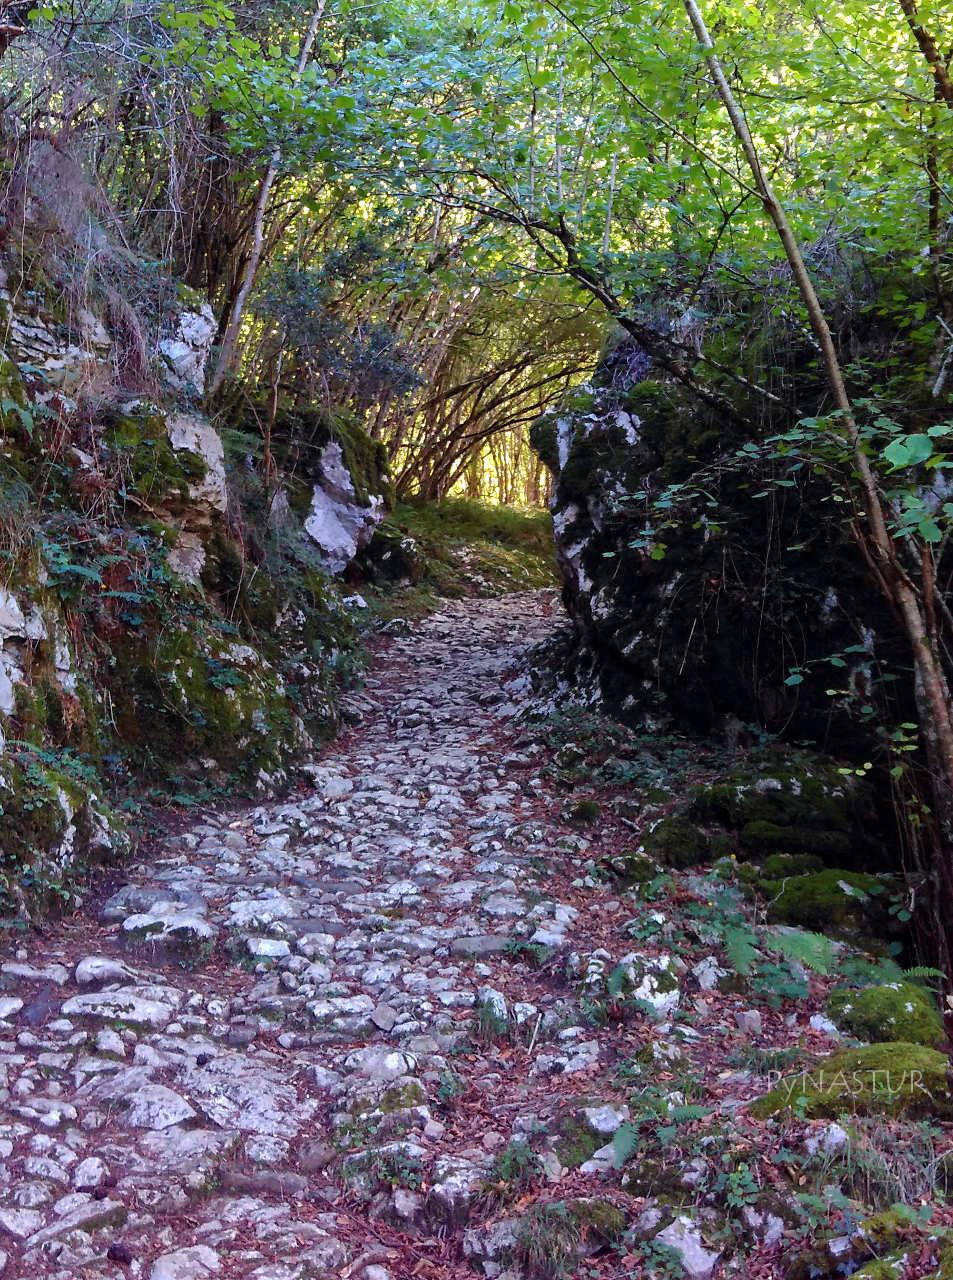 Rutas por Asturias: Circular por El Camin Encantau desde la Venta el Pobre